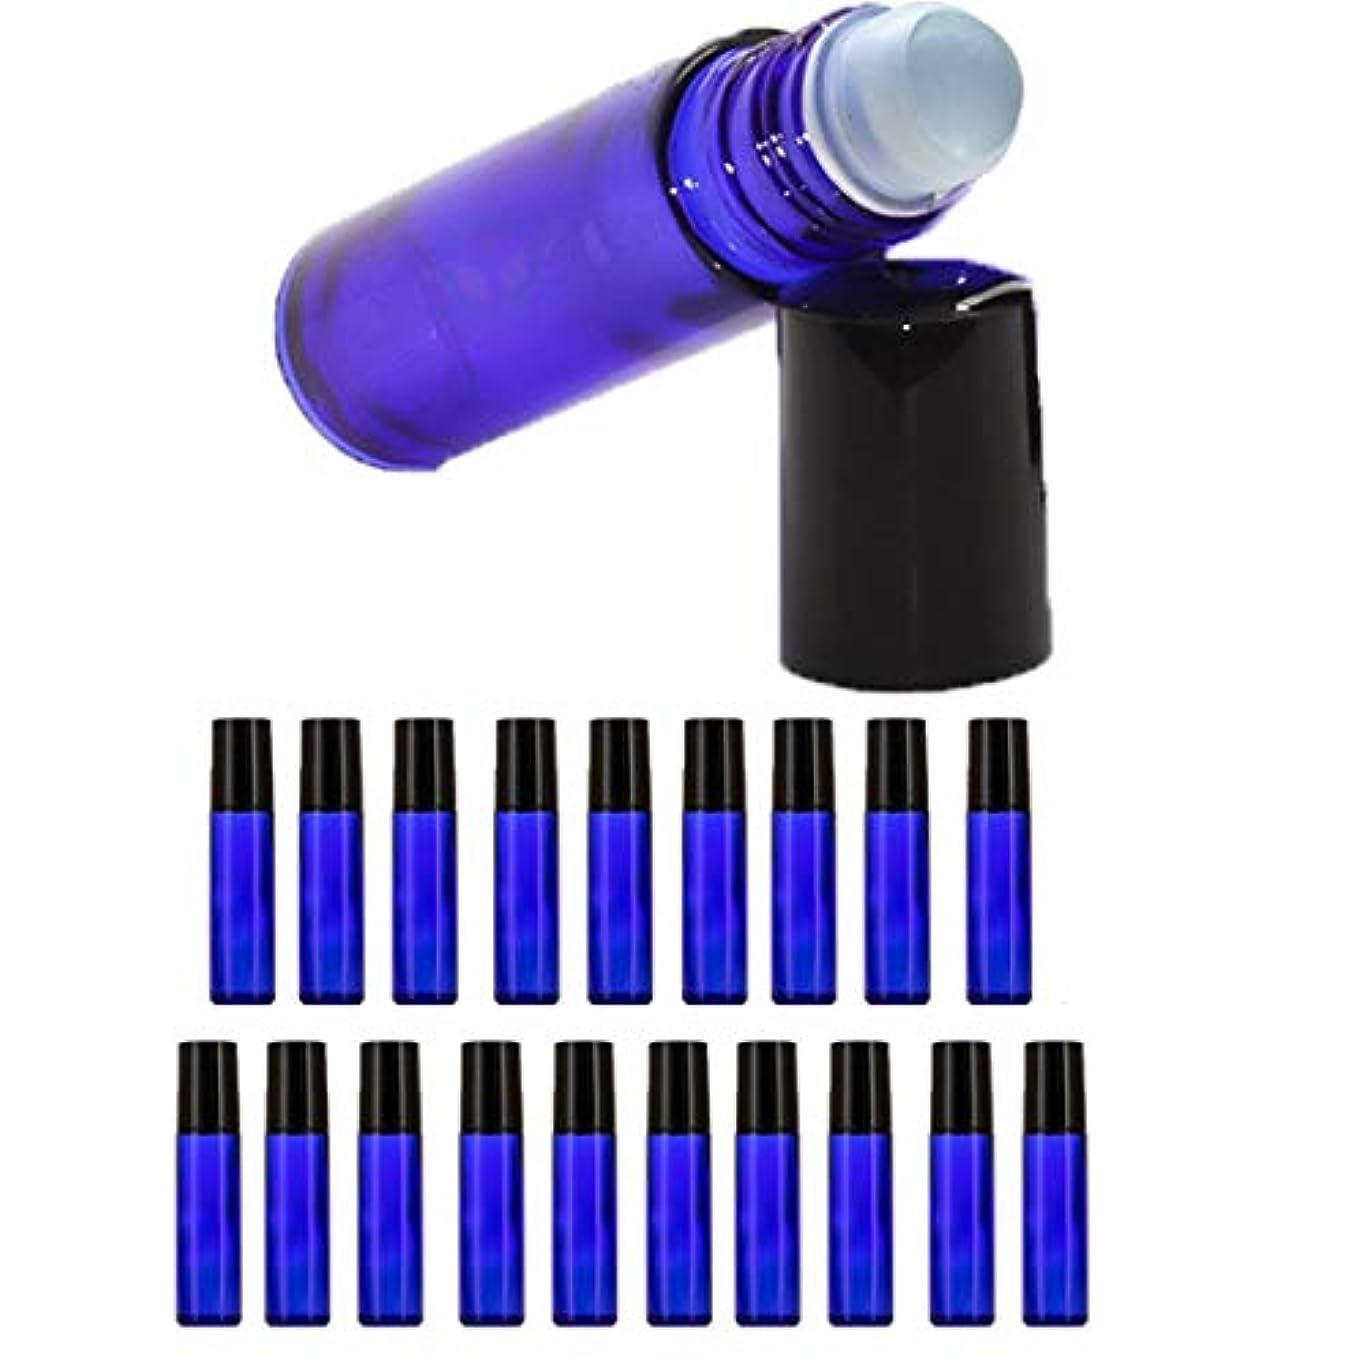 ブラウス優雅なパンツ【Nanmara】ロールオンボトル 10ml 20個セット 遮光瓶 小分け ガラスボトル 詰め替え 容器 エッセンシャルオイル 遮光ビン 青色 ブルー (20個セット)